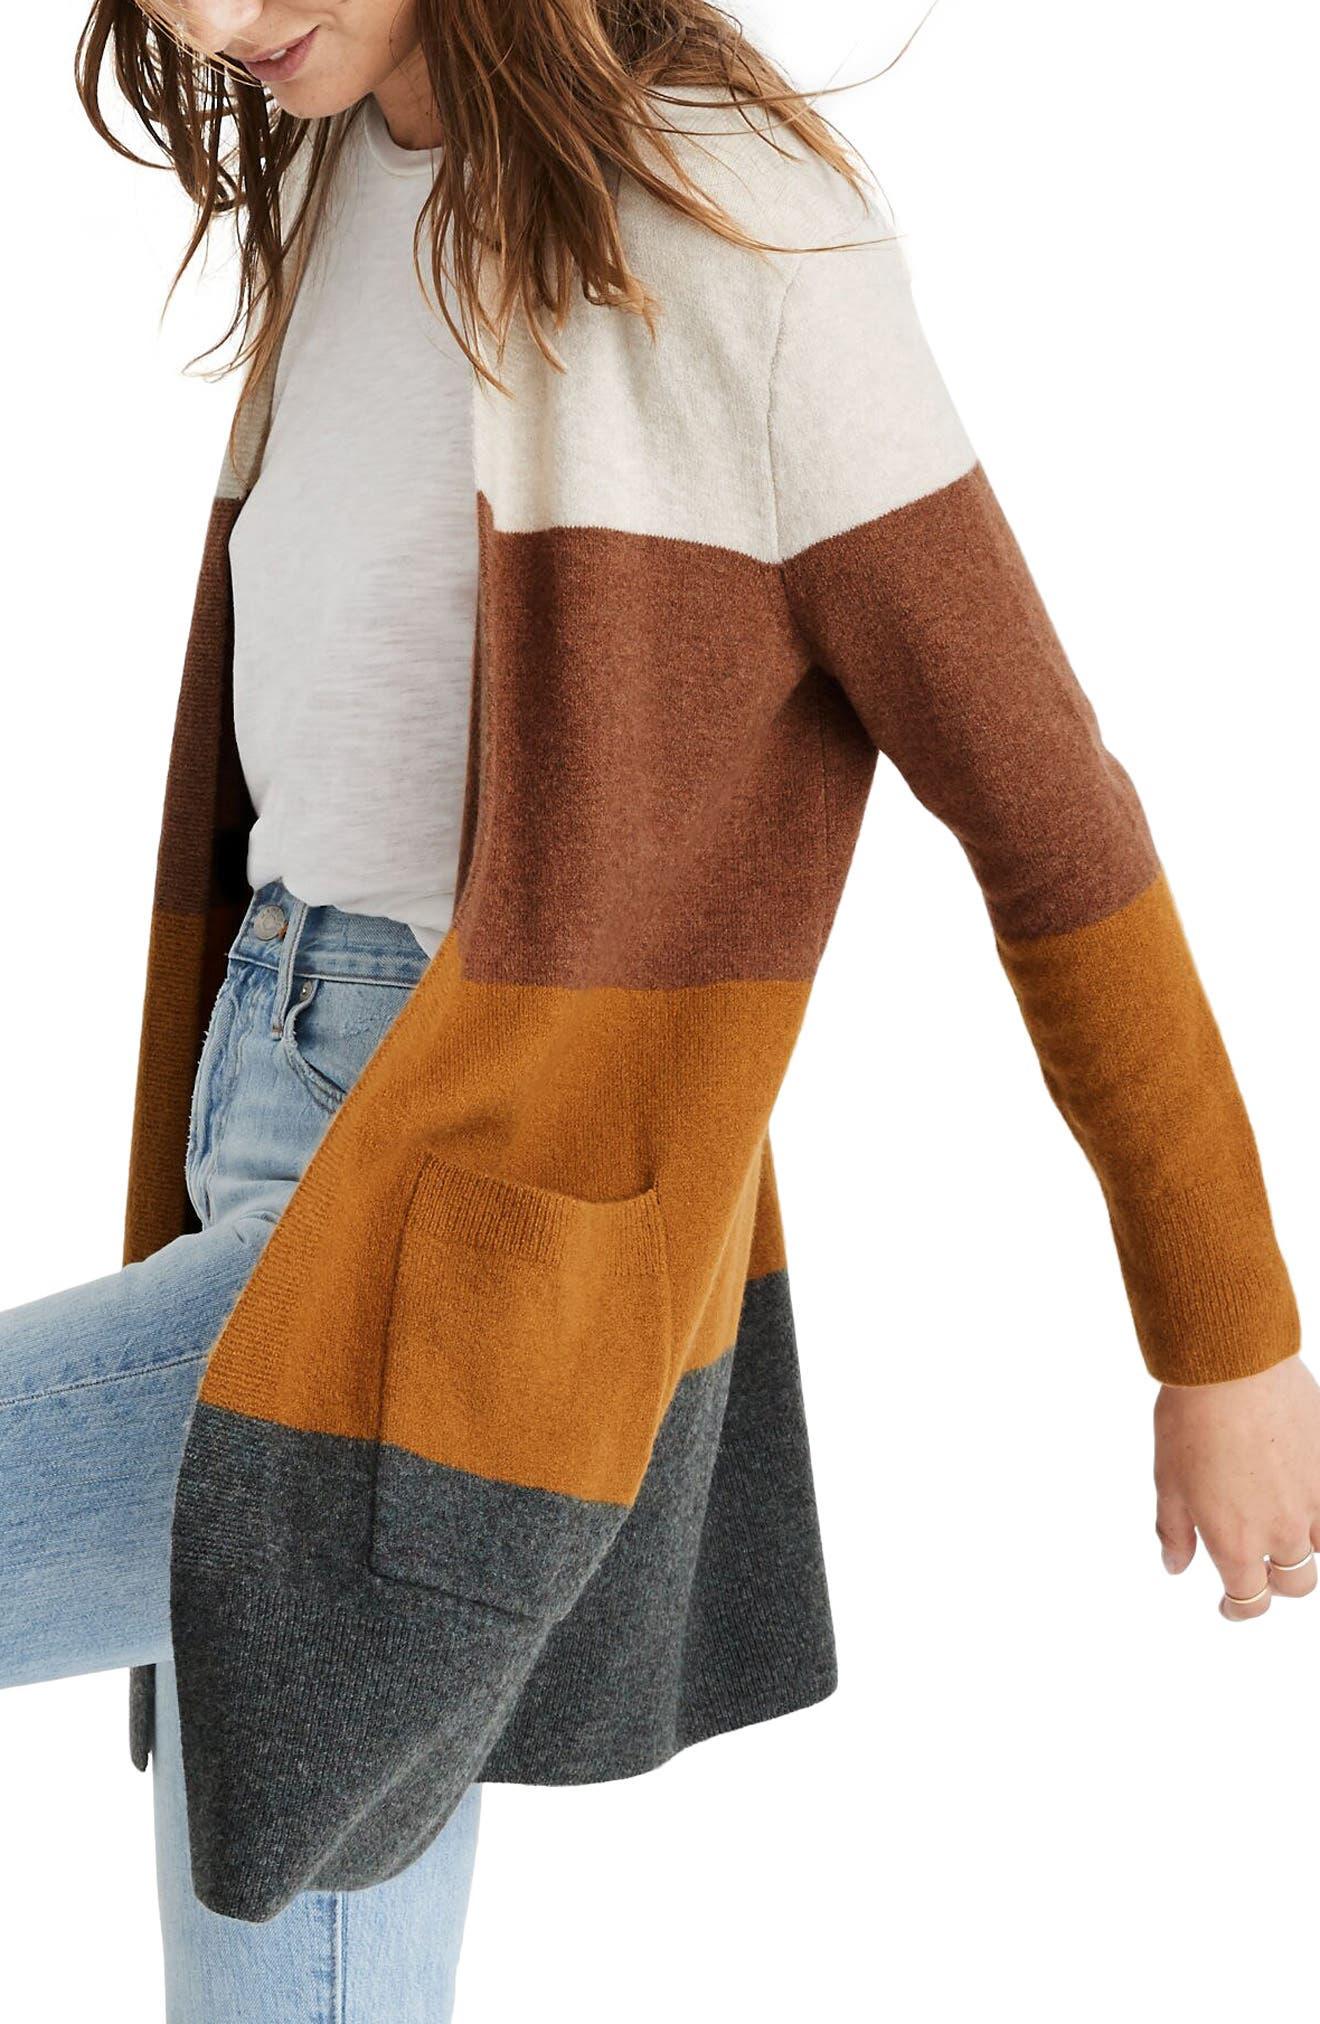 Madewell Kent Colorblock Long Cardigan (Regular & Plus Size)